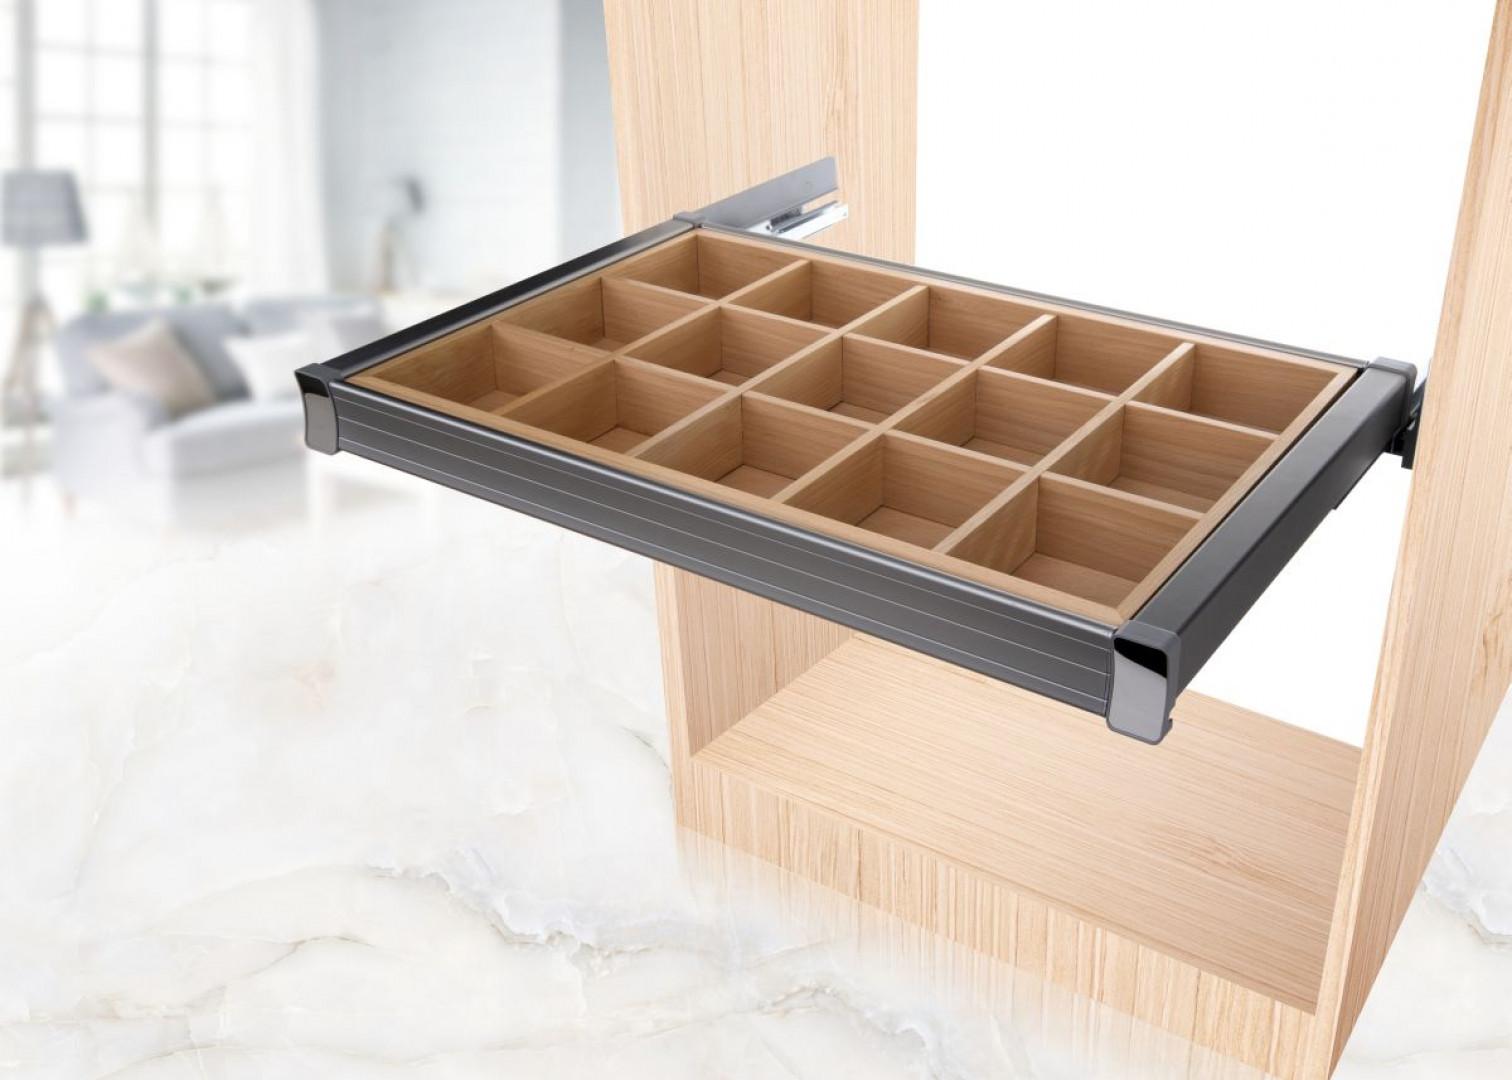 Aluminiowa szuflada przeznaczona na drobne elementy garderoby, tj. bieliznę, biżuterię czy paski – DX006.